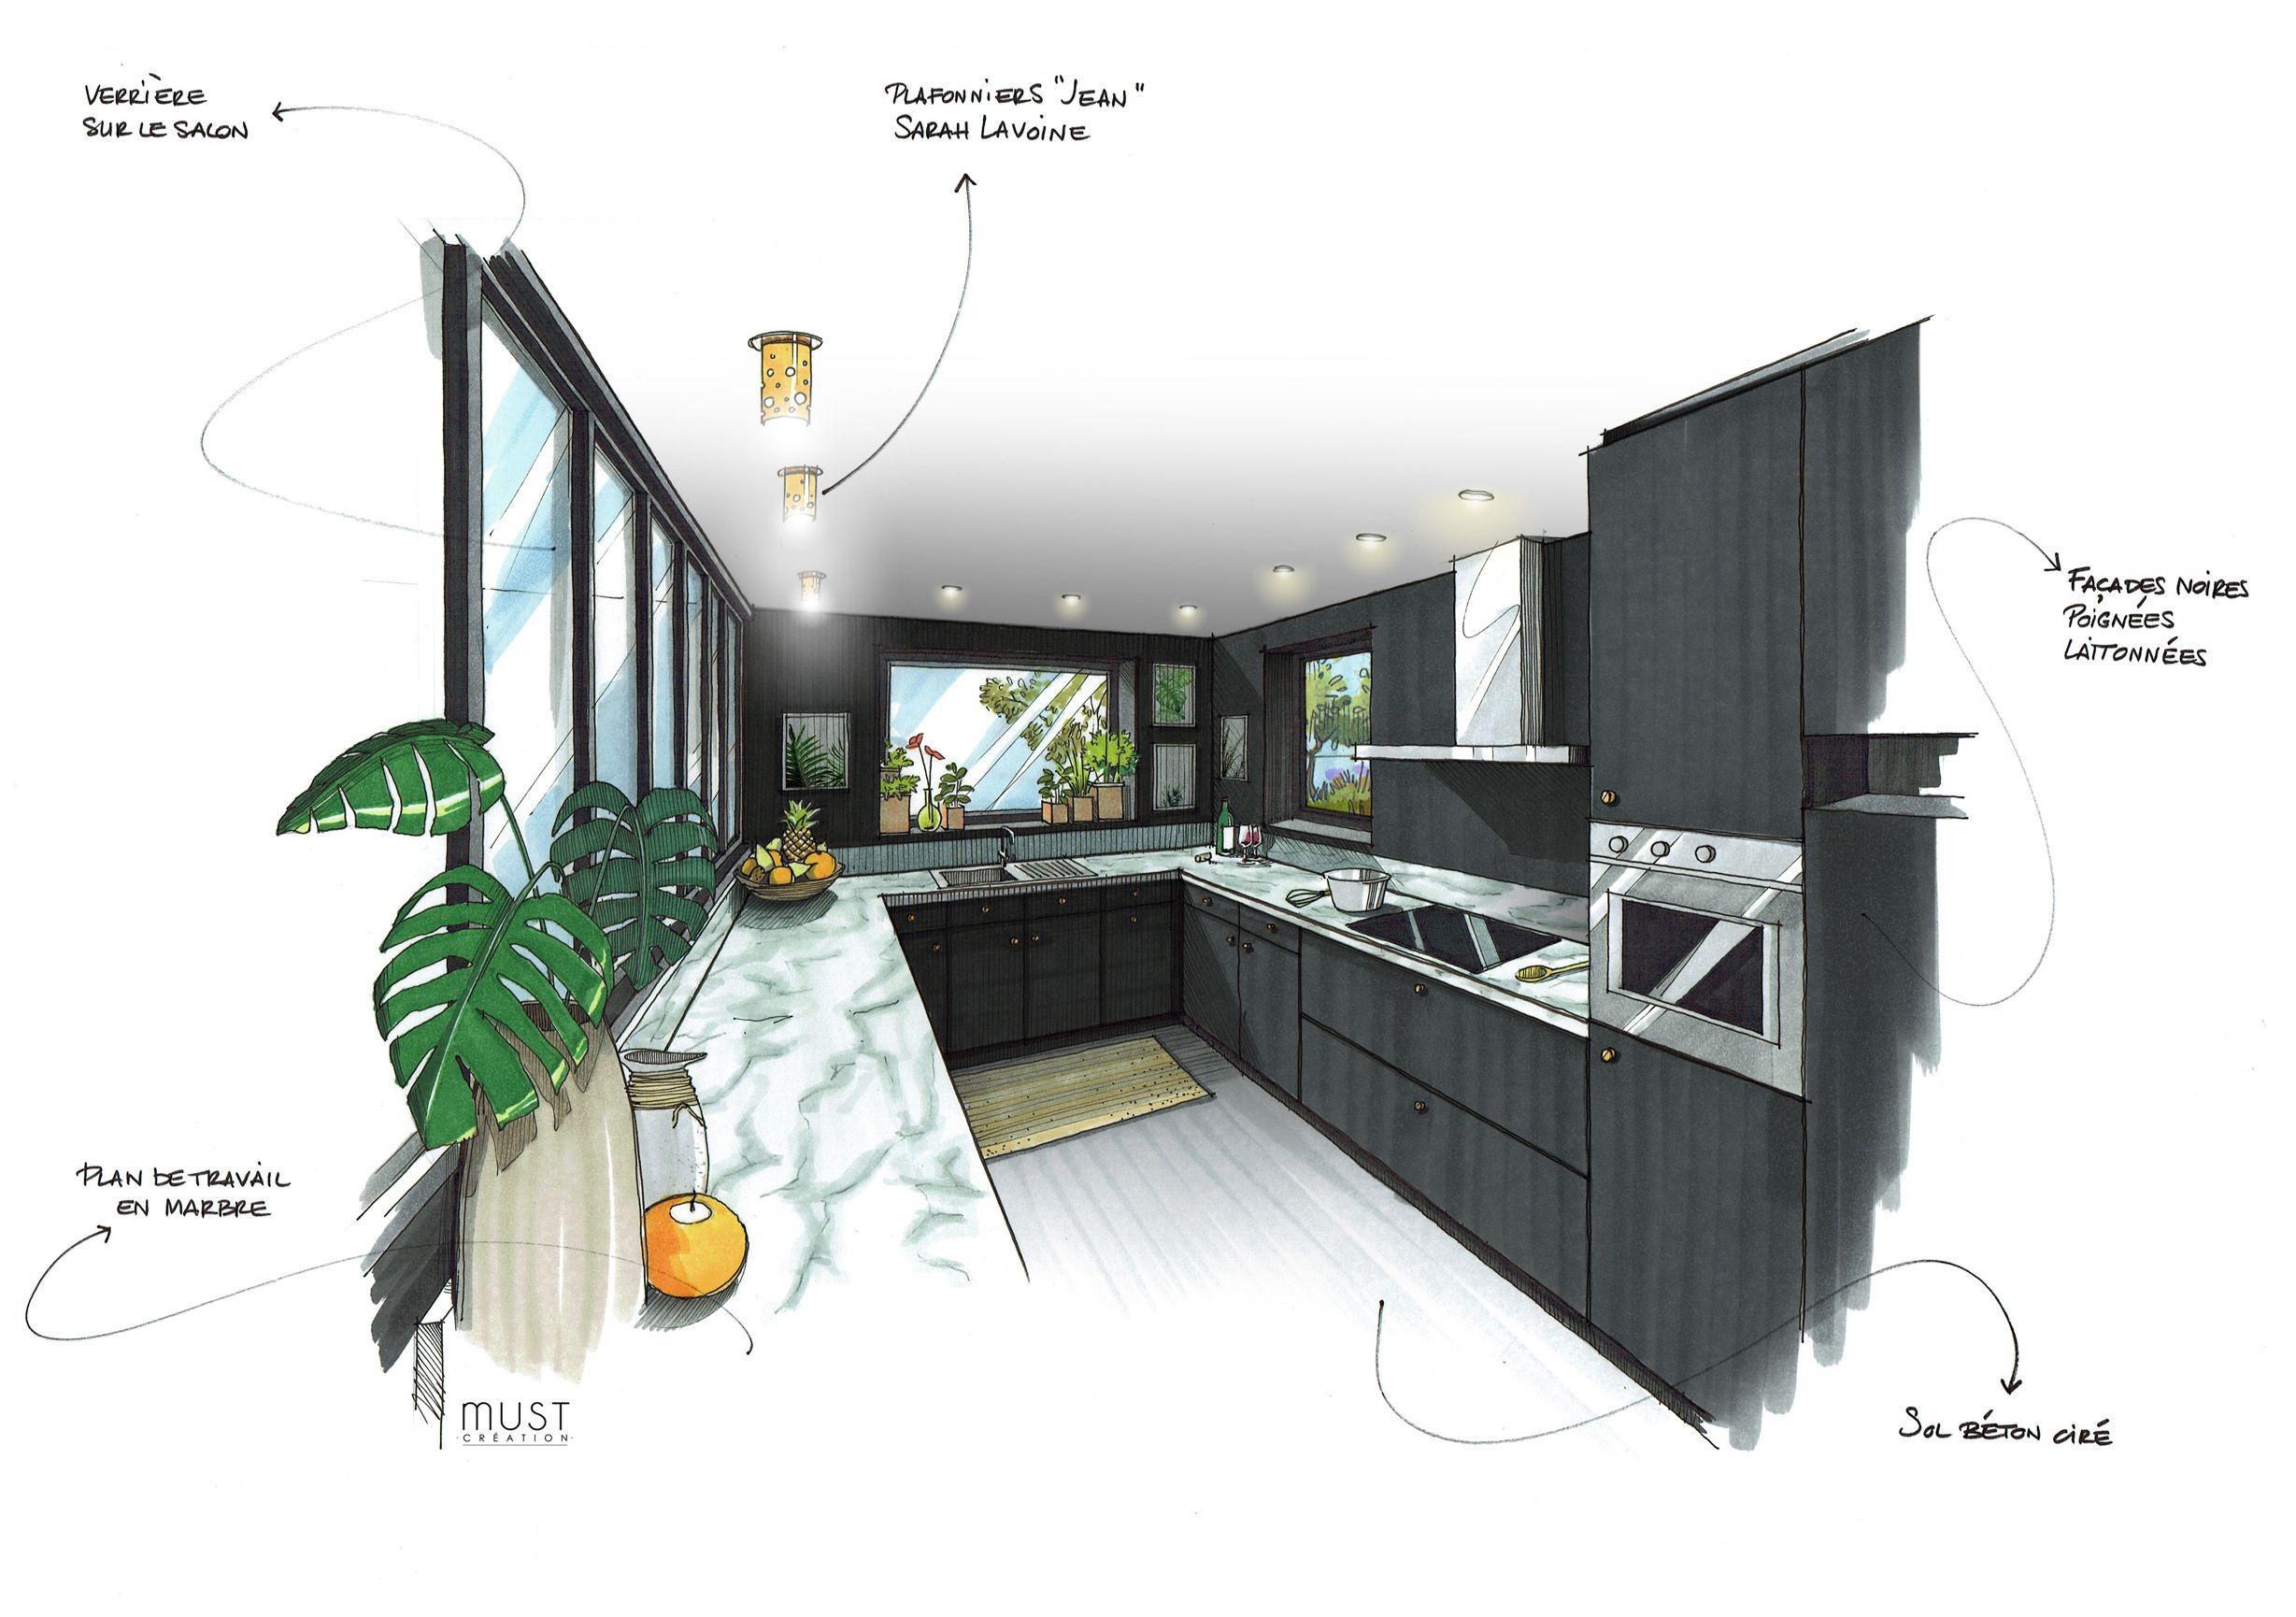 architecte interieur rennes decoratrice interieur rennes cliquez ici a ecole decorateur. Black Bedroom Furniture Sets. Home Design Ideas